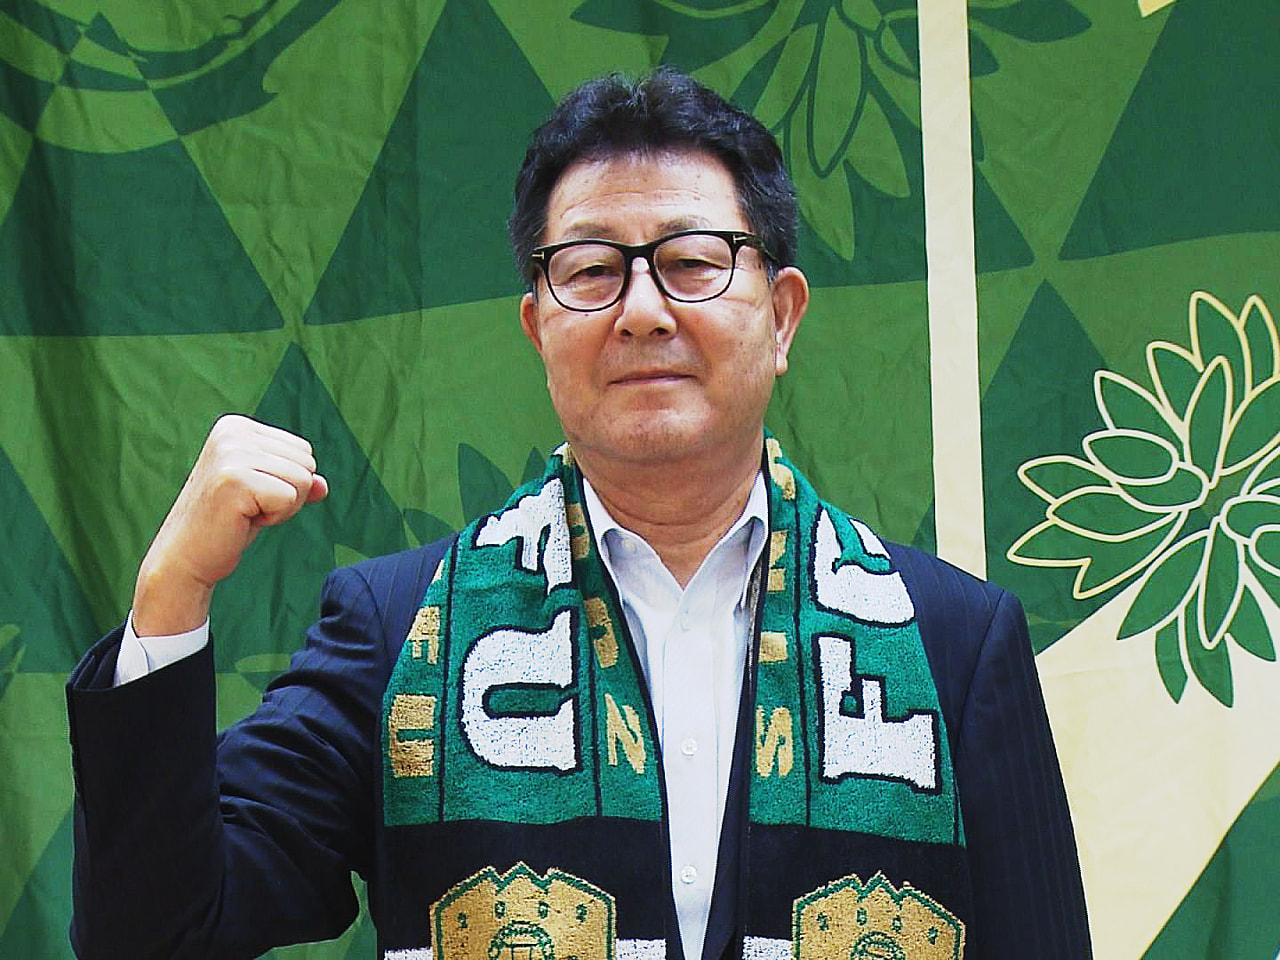 サッカーJ3FC岐阜の後援会会長に、JAぎふ代表理事会長の櫻井宏氏が就任しました...